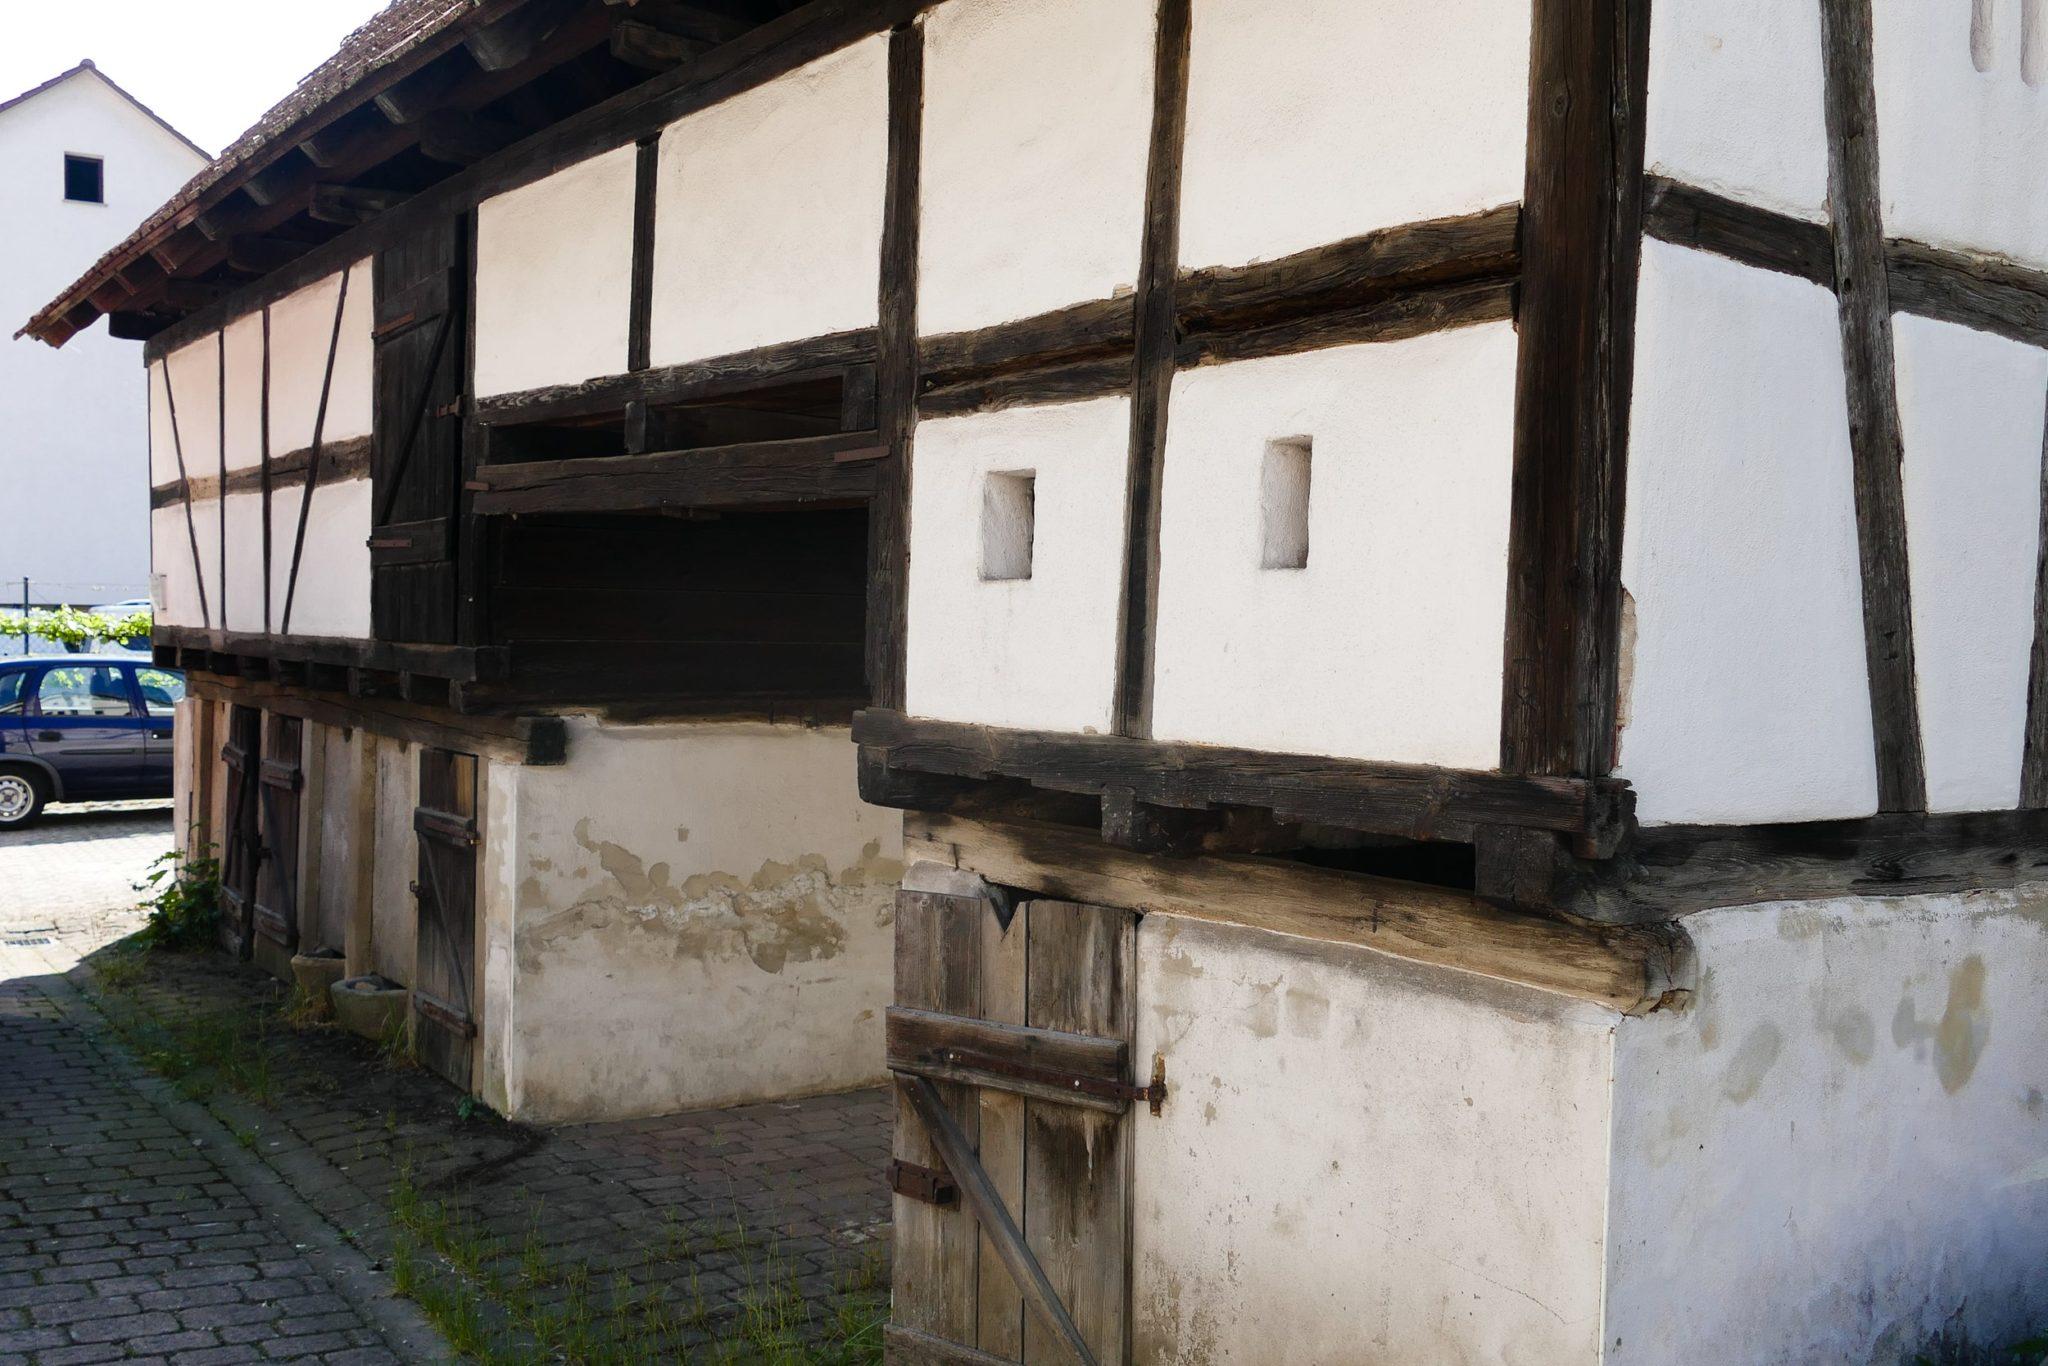 heimat_museumsverein_kraichtal-14-min